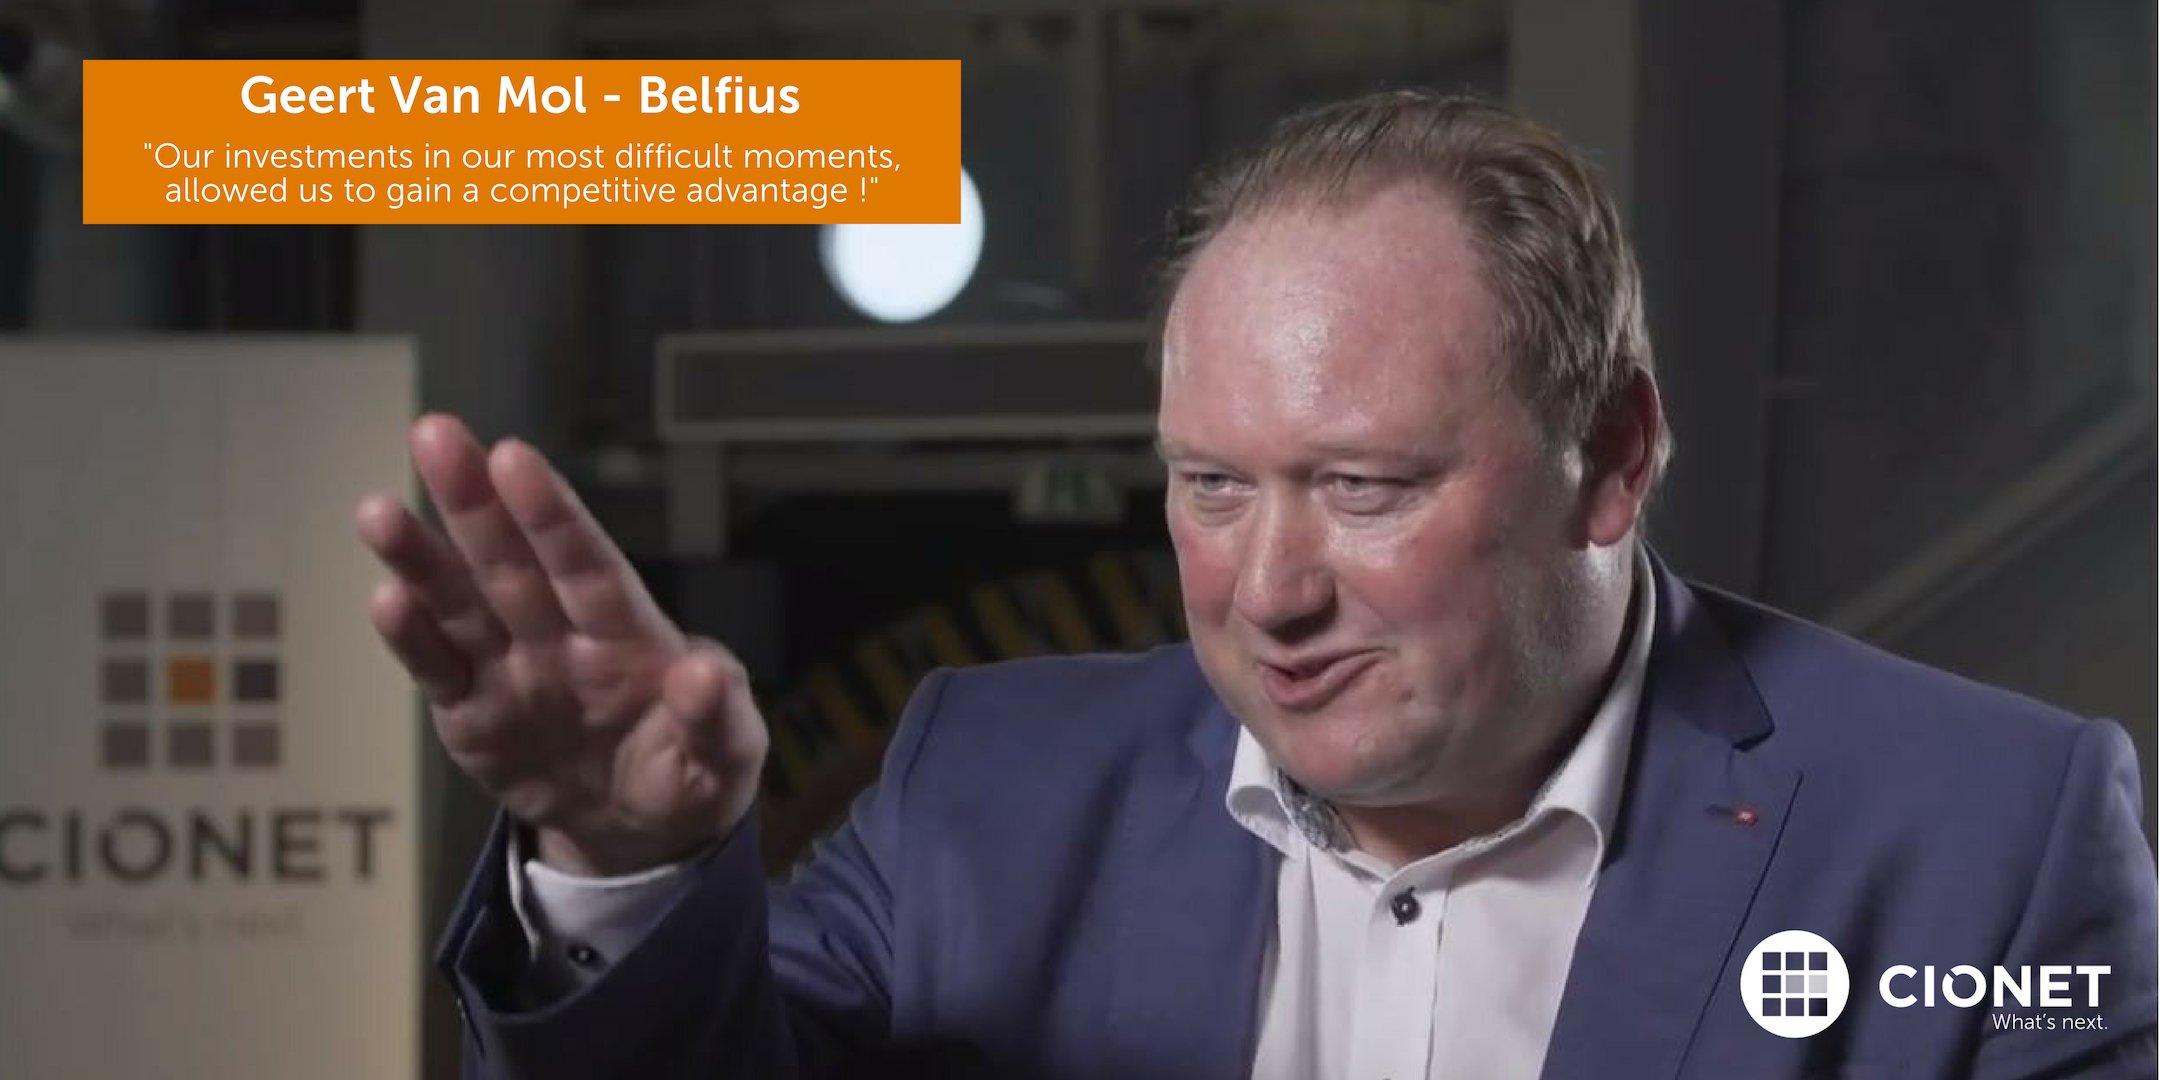 Geert Van Mol - Belfius Digital